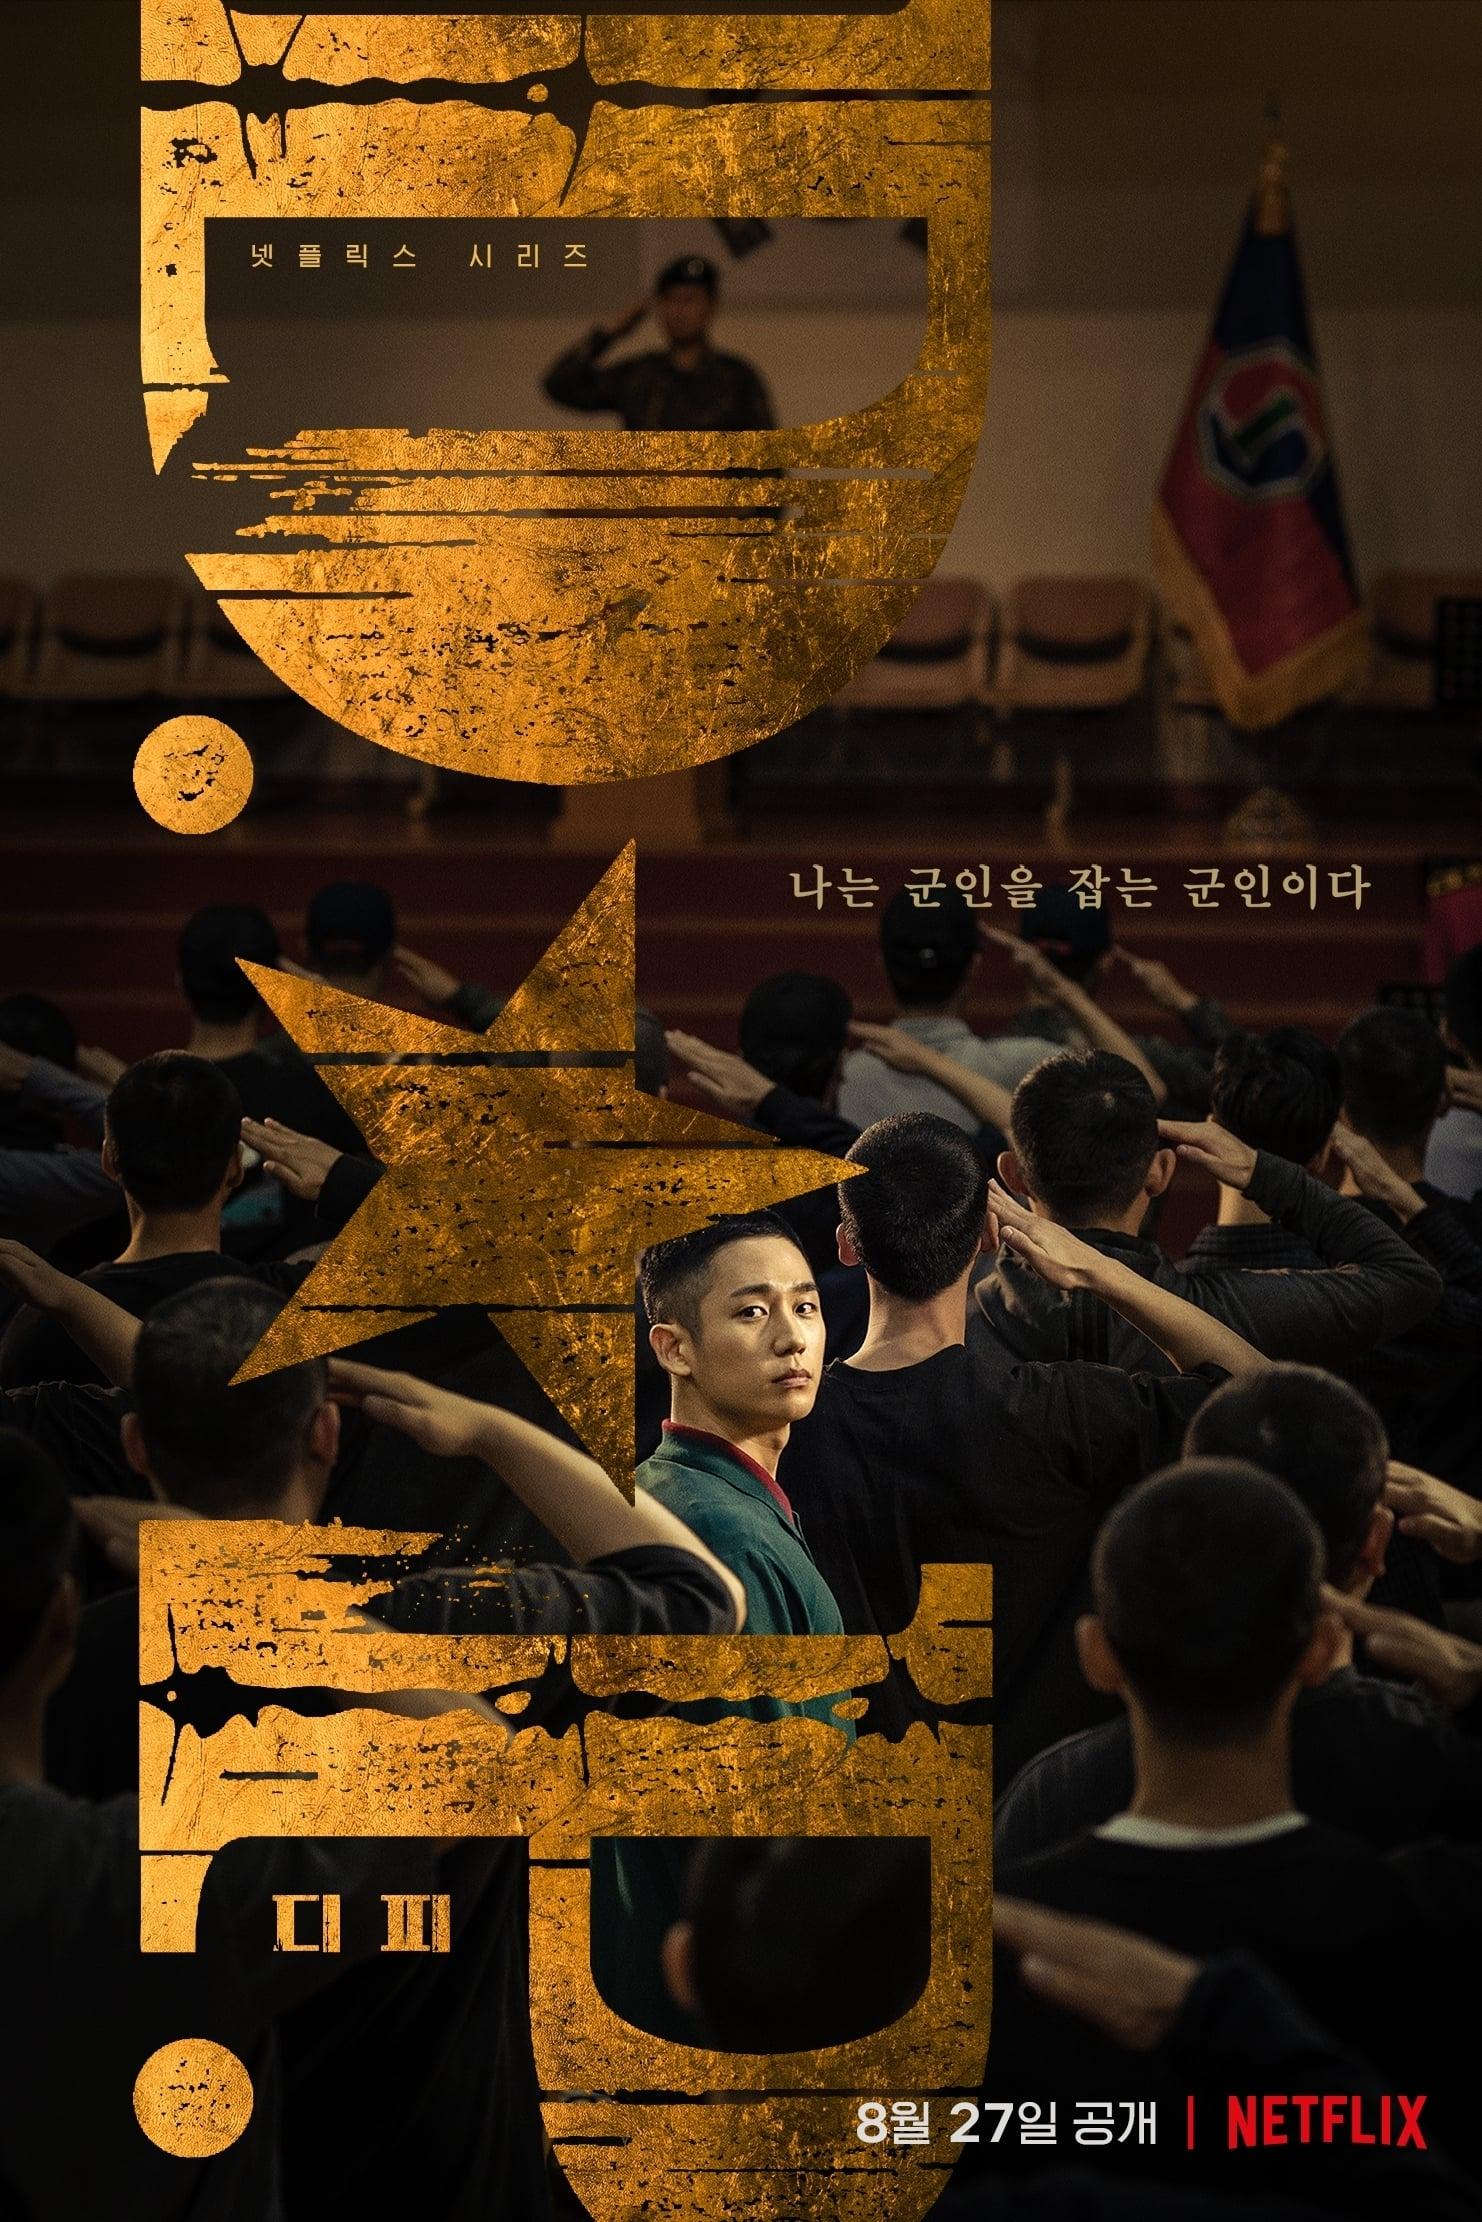 Nonton Drama Korea D.P. (2021)